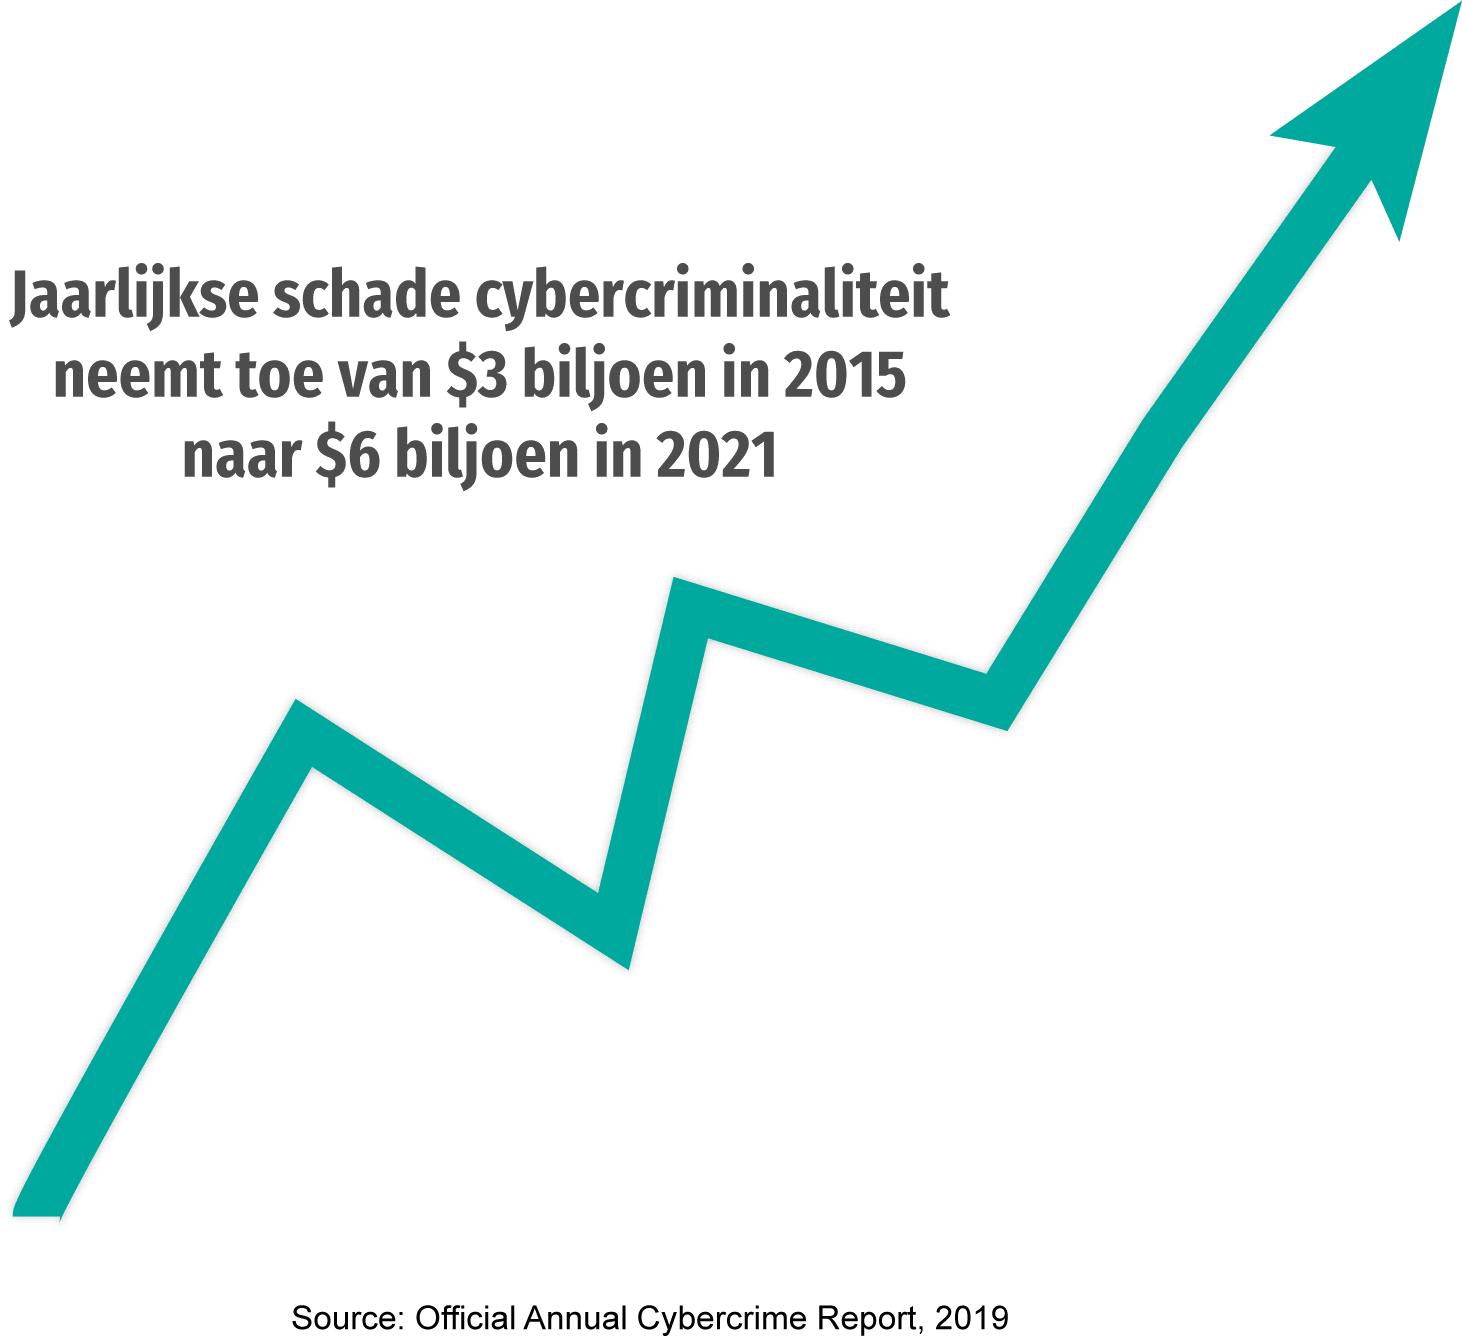 Grafiek met verwachte toename van jaarlijkse schade cybercriminaliteit tussen 2015 en 2021